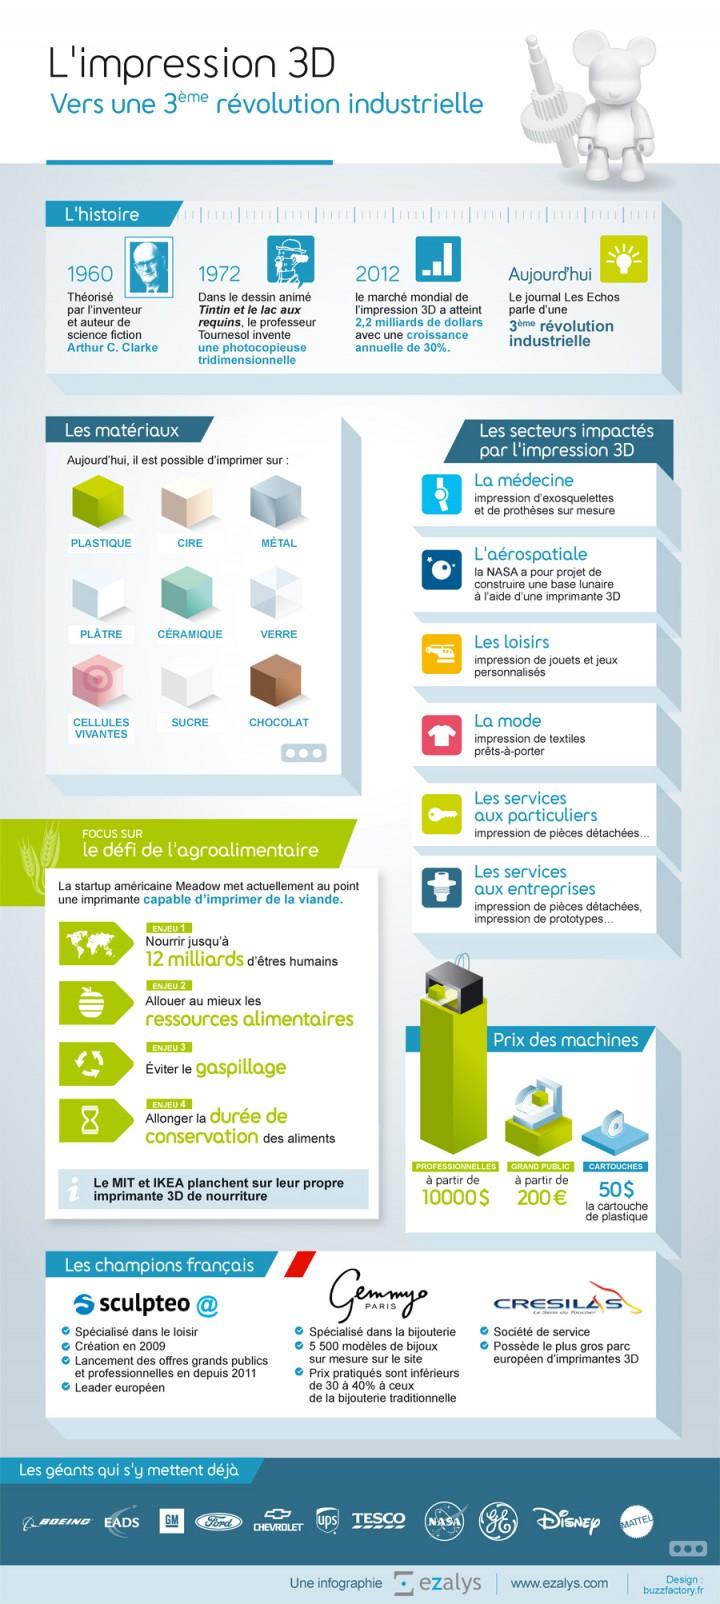 Infographie Ezalys sur la 3ème révolution industrielle représentée par l'impression 3D